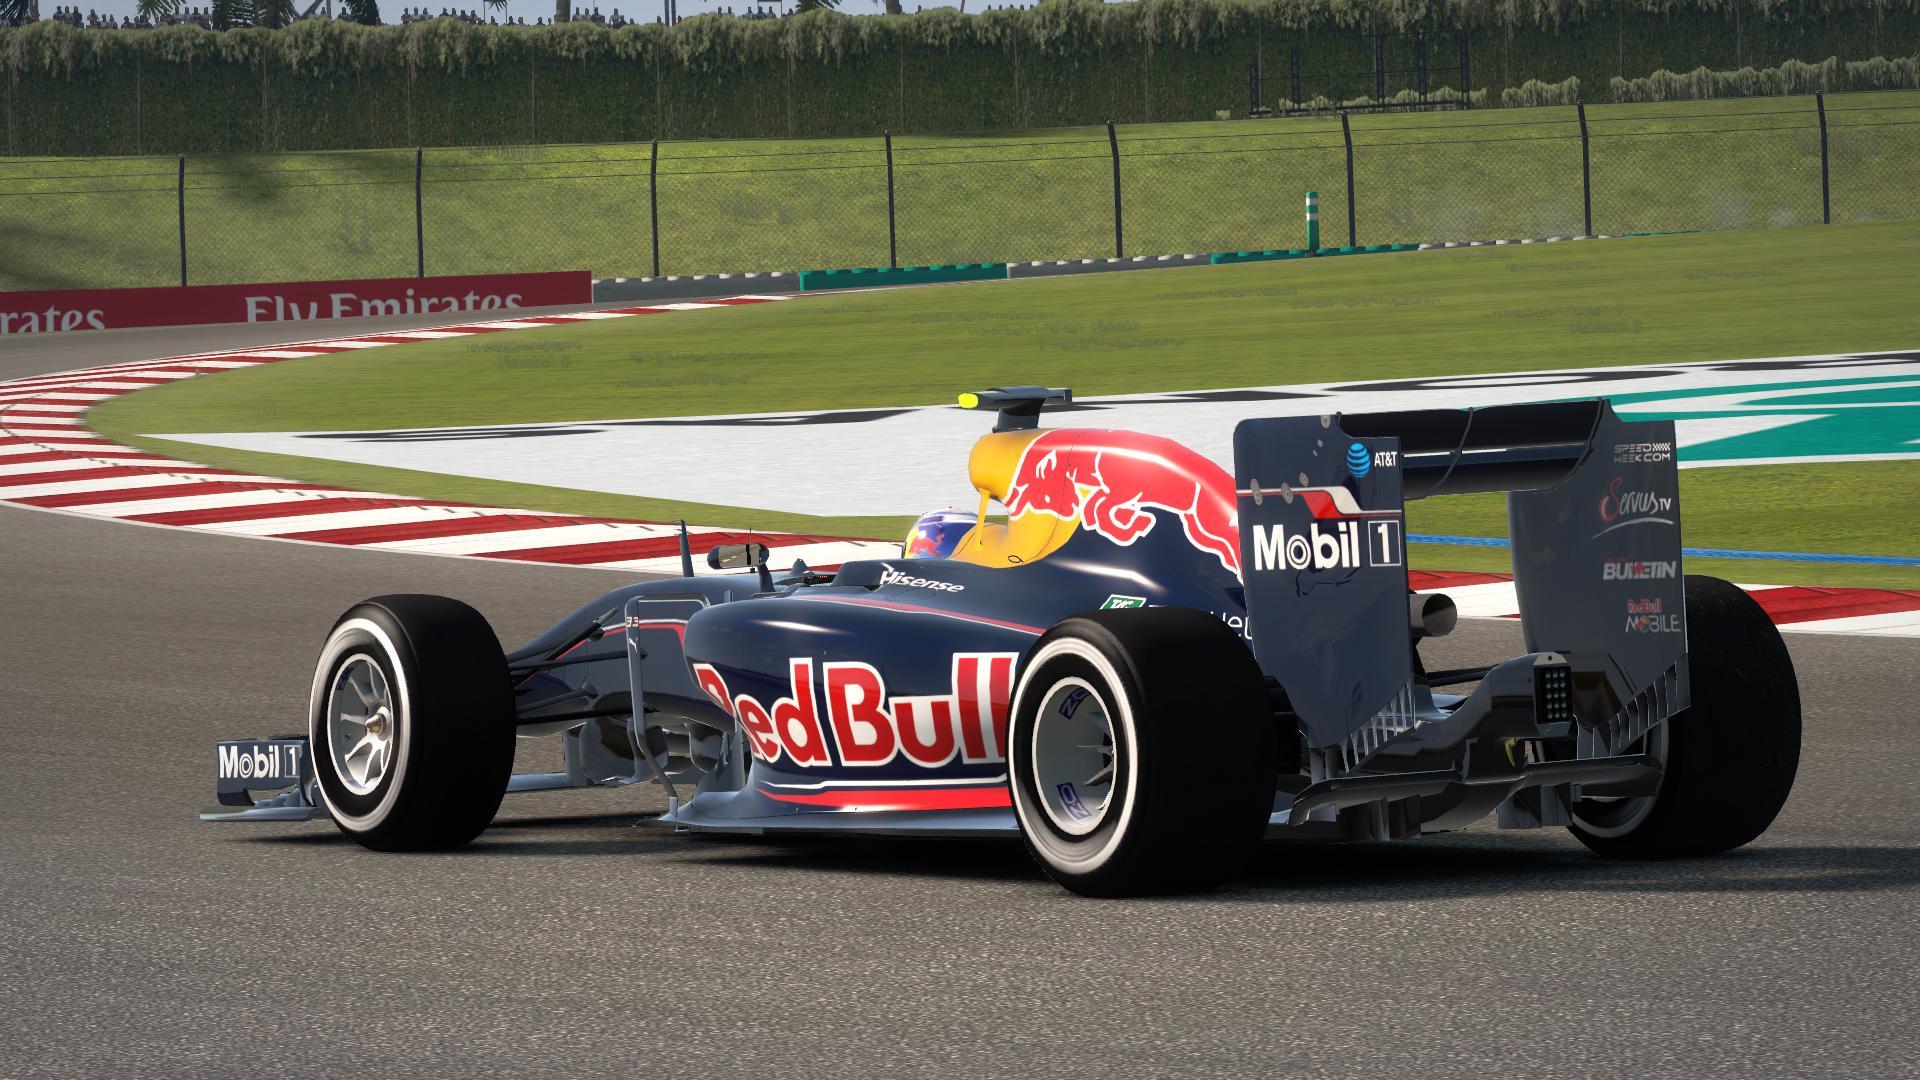 F1_2014 2017-03-09 17-19-59-89.jpg